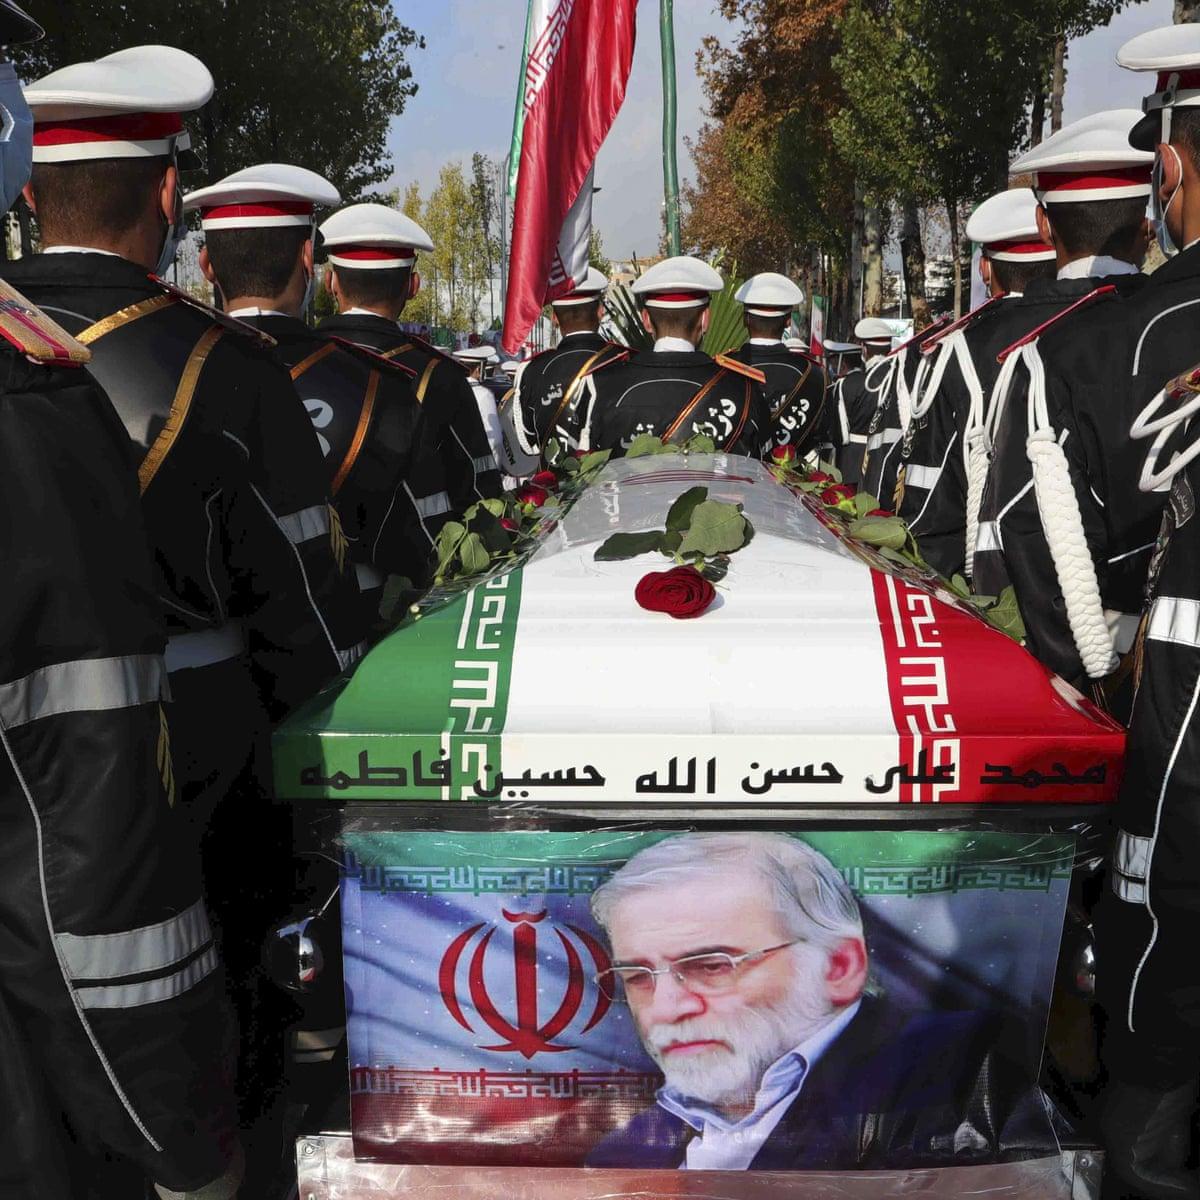 לשנה הבאה בטהראן !האיראנים ישגרו טילים על תל אביב וחיפה וישראל תשגר להם פרחים ונשיקות או טילים גרעינים? 5472